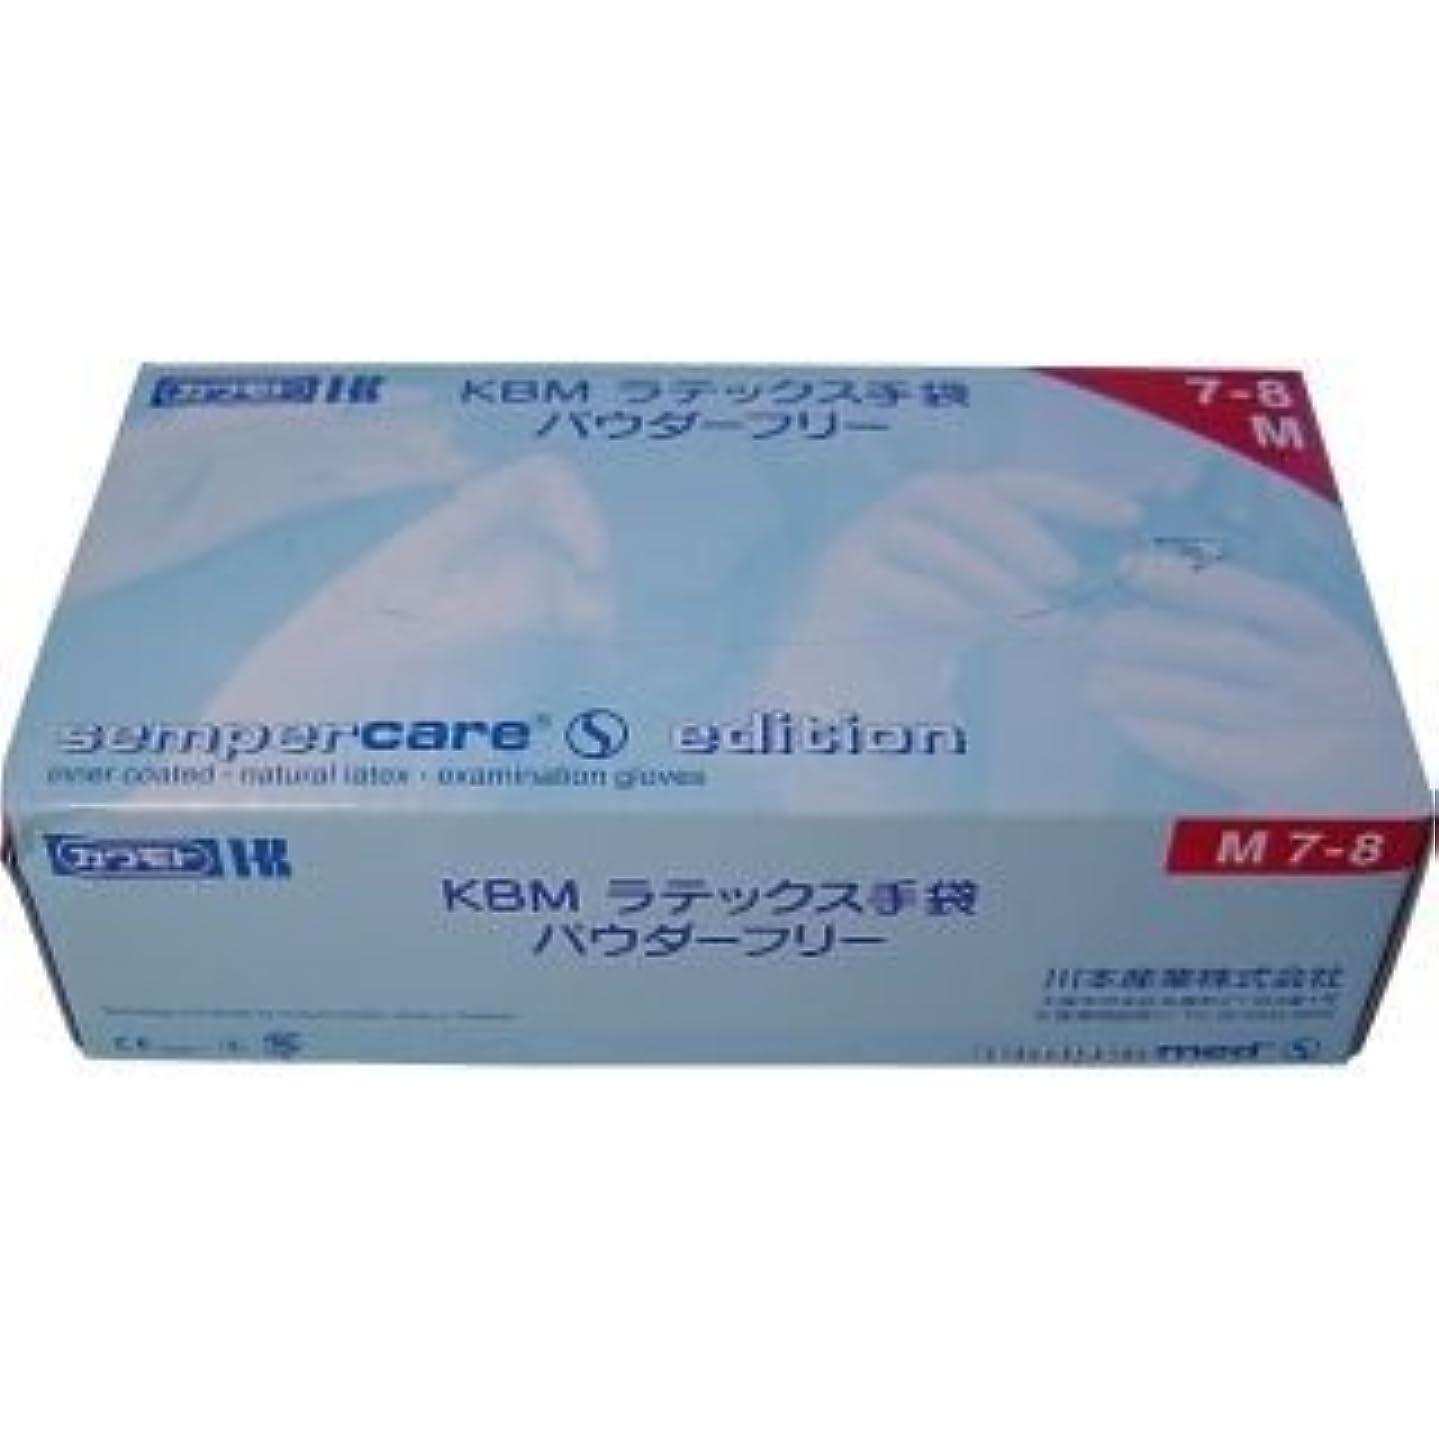 へこみステージ毒液KBMラテックス手袋 パウダーフリー Mサイズ 100枚入【2個セット】